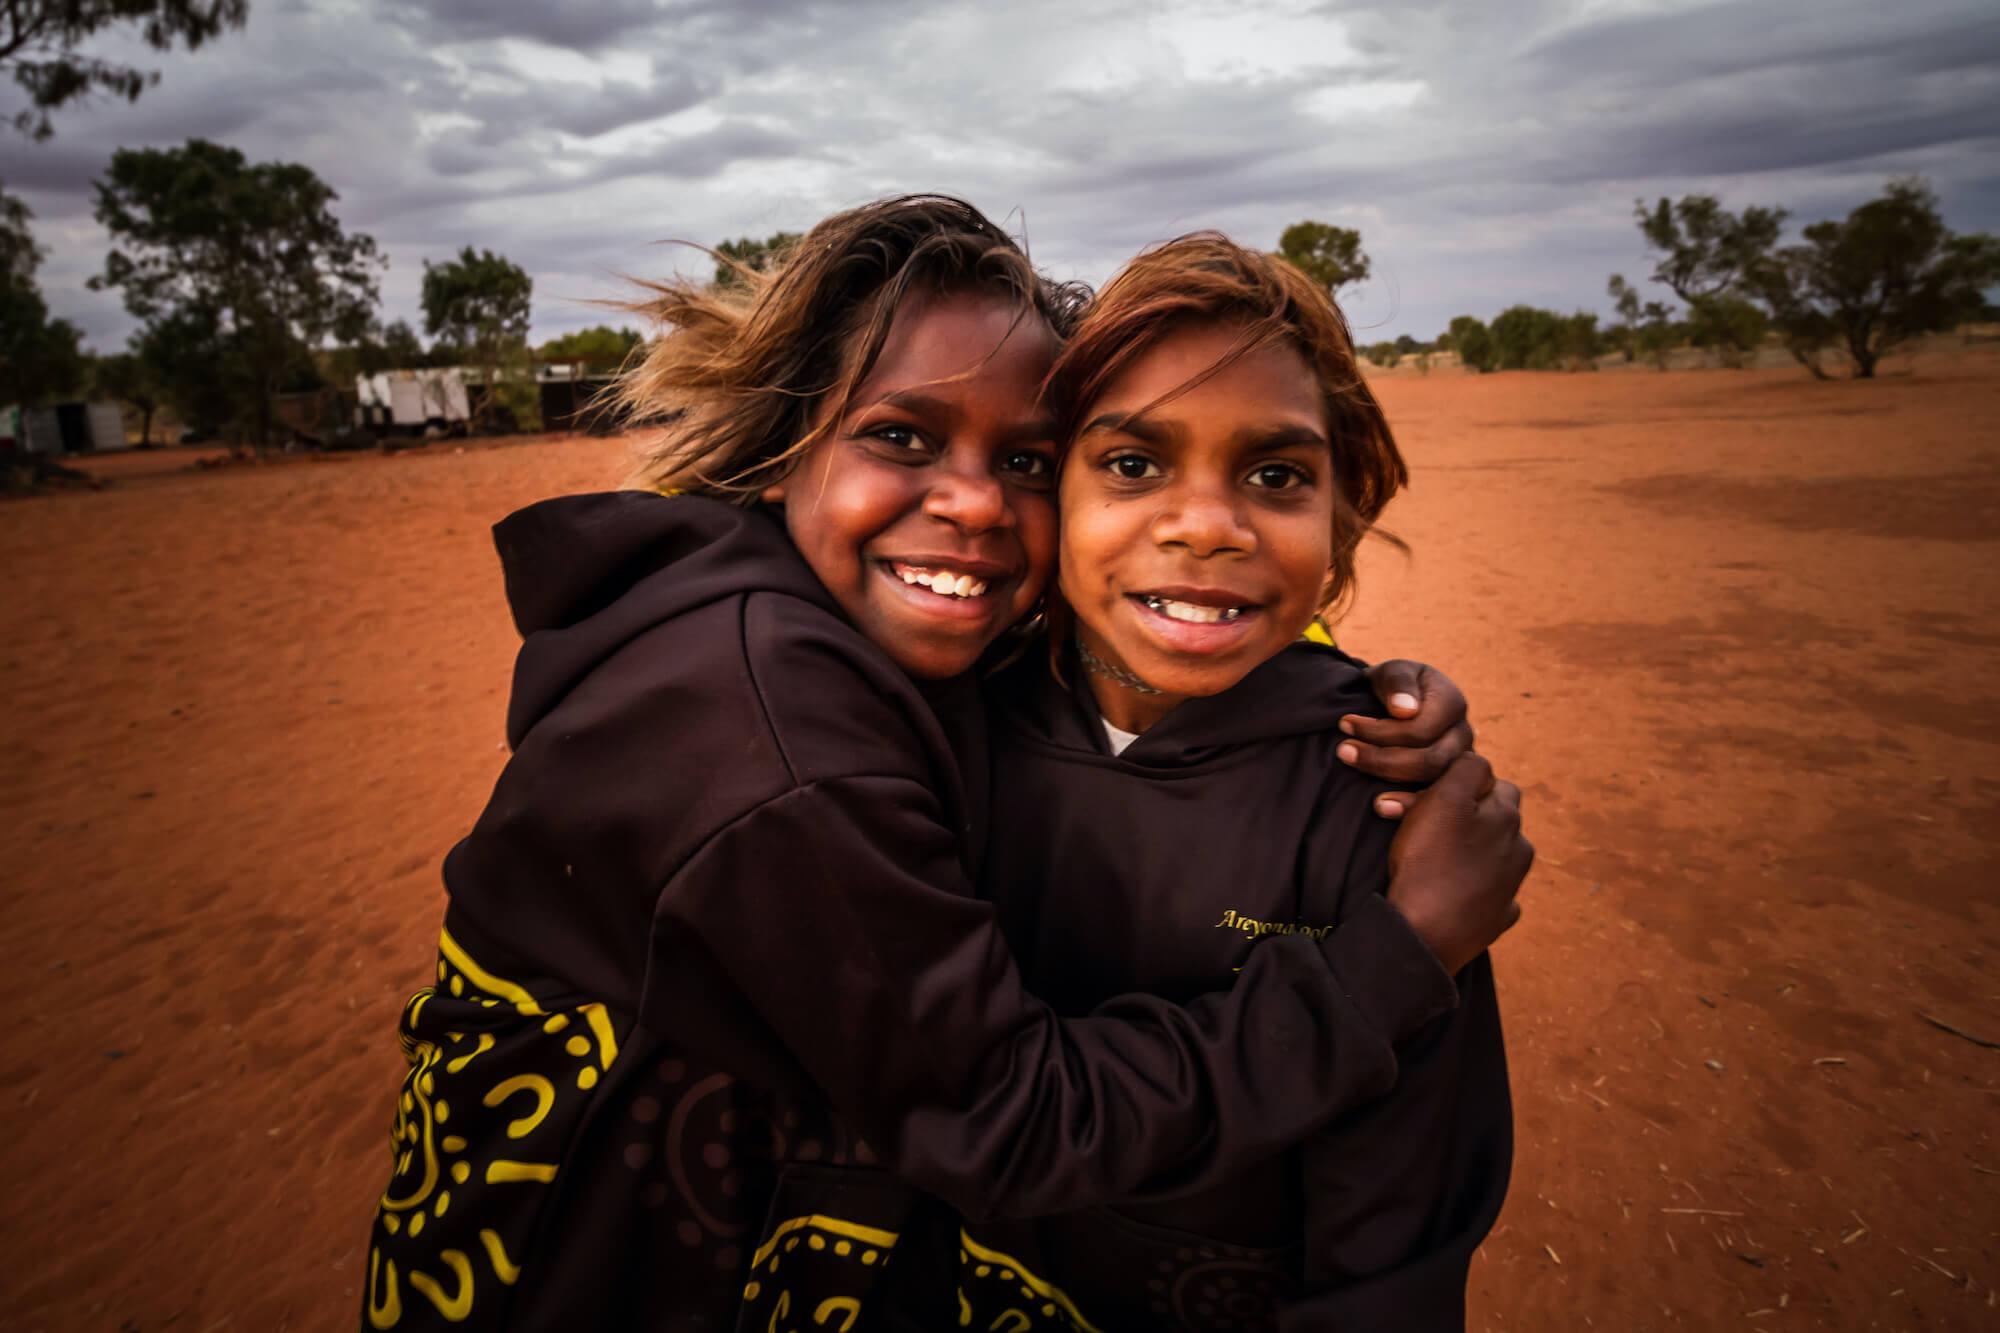 Anangu Communities Foundation two girls